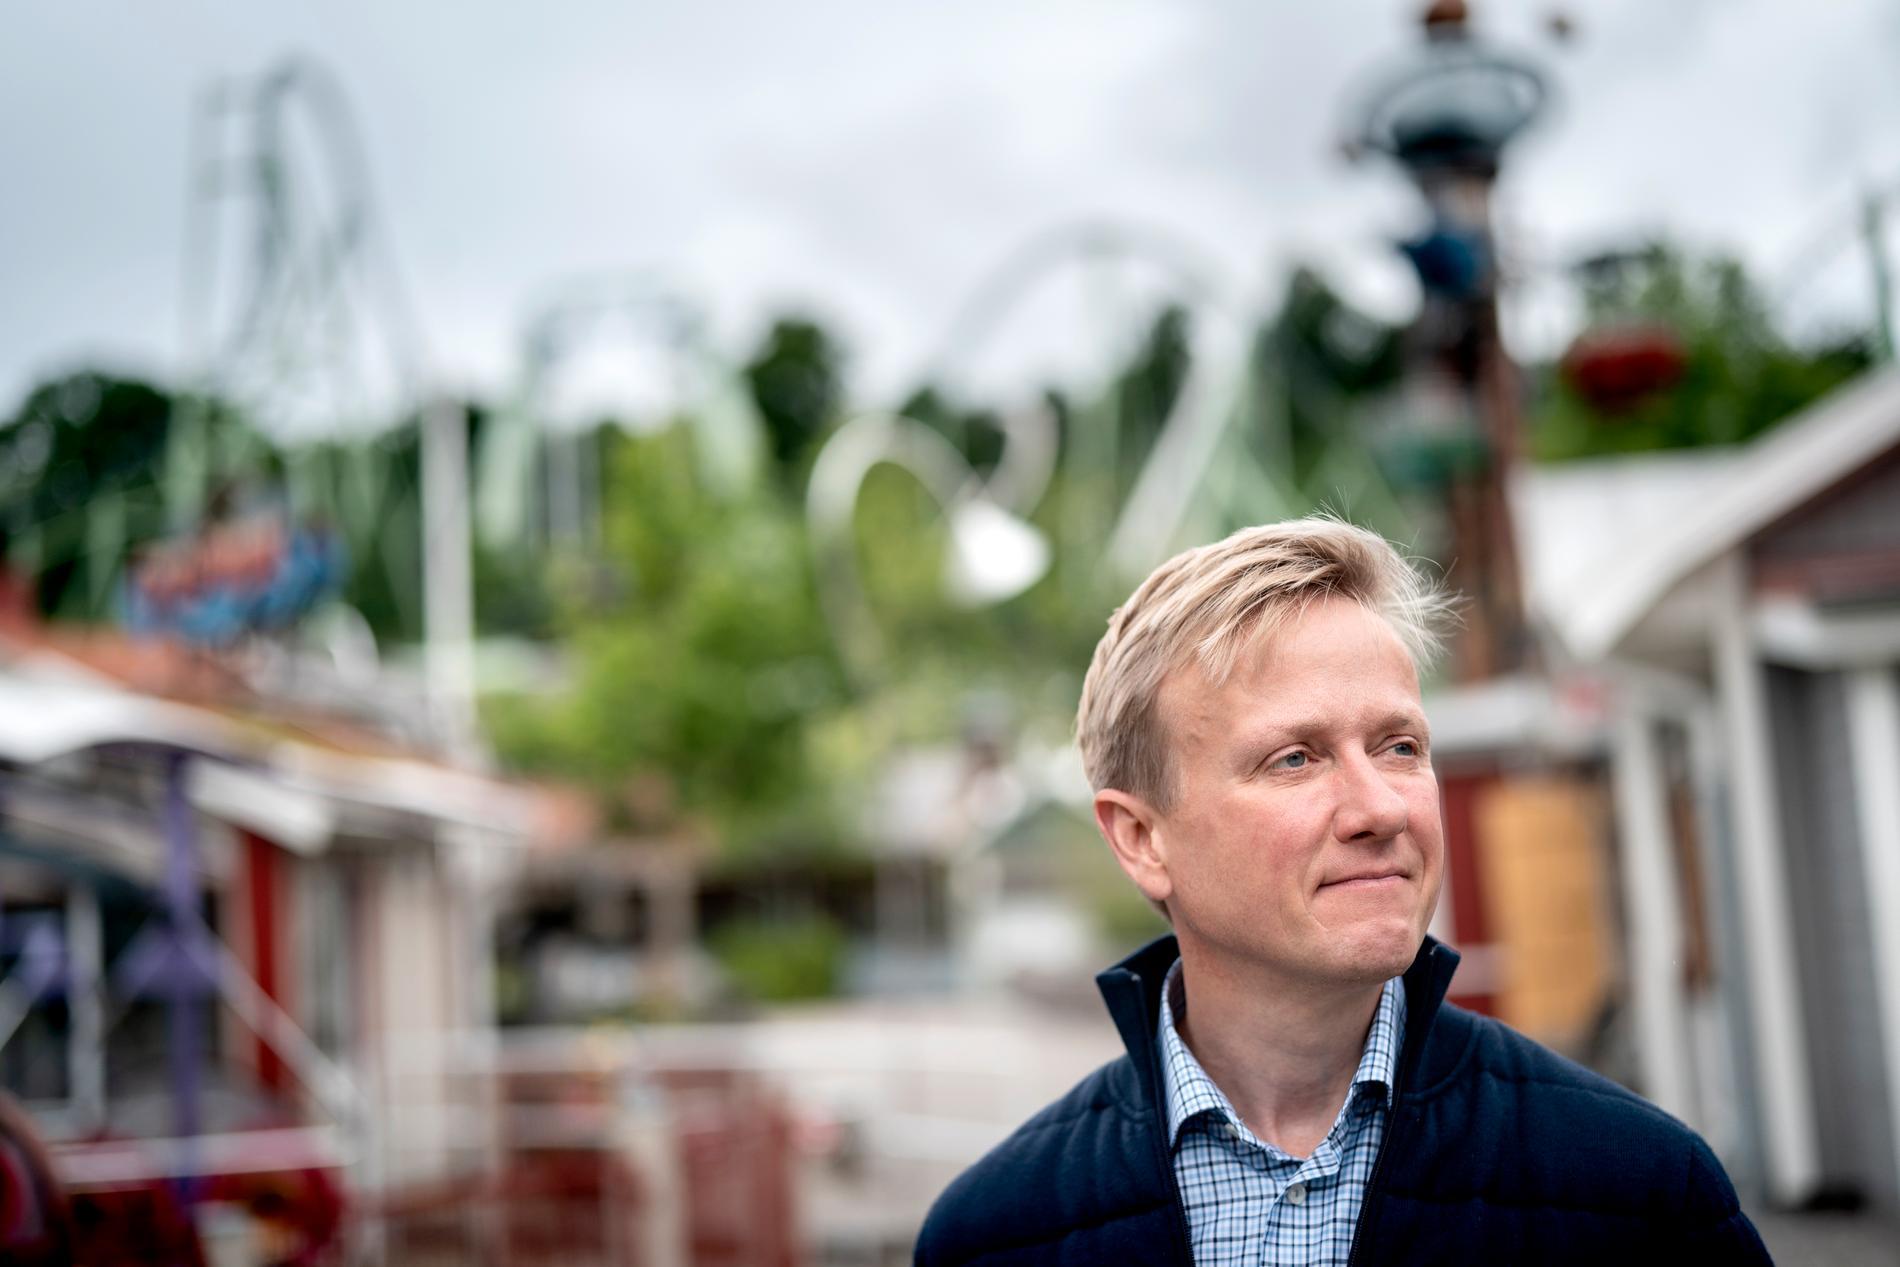 Andreas Andersen, vd på Liseberg, är besviken över att svenska nöjesparker inte tillåts öppna. Han bedömer att mer än 5000 säsongsanställda i branschen berörs. Cirka 2500 skulle jobbat på Liseberg.